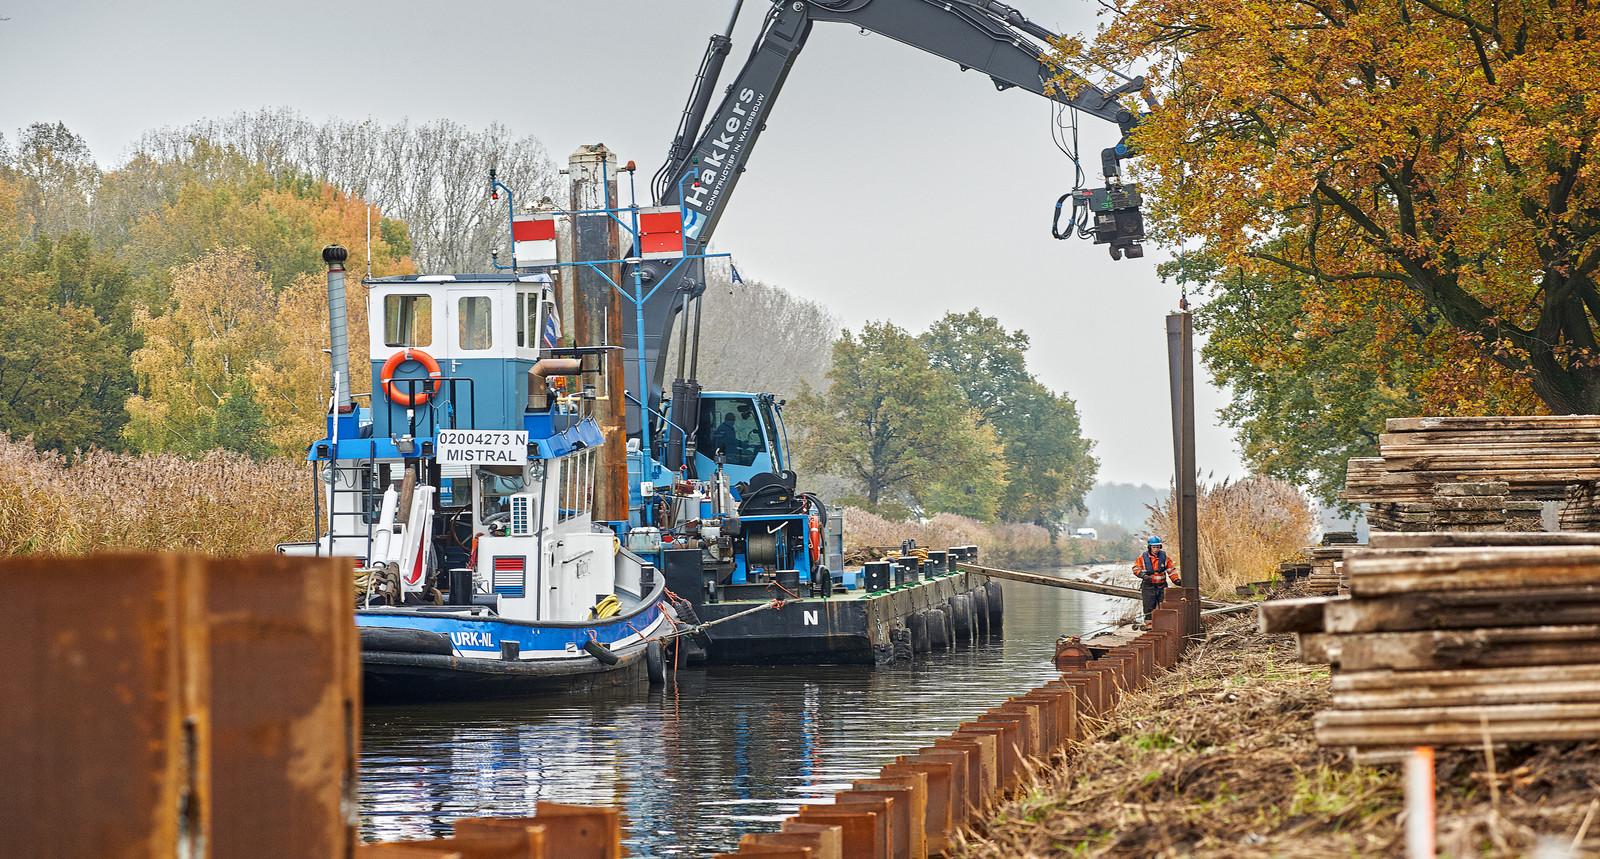 Rijkswaterstaat is bezig met het vervangen van de damwanden van de Zuid Willemsvaart te Zijtaart.